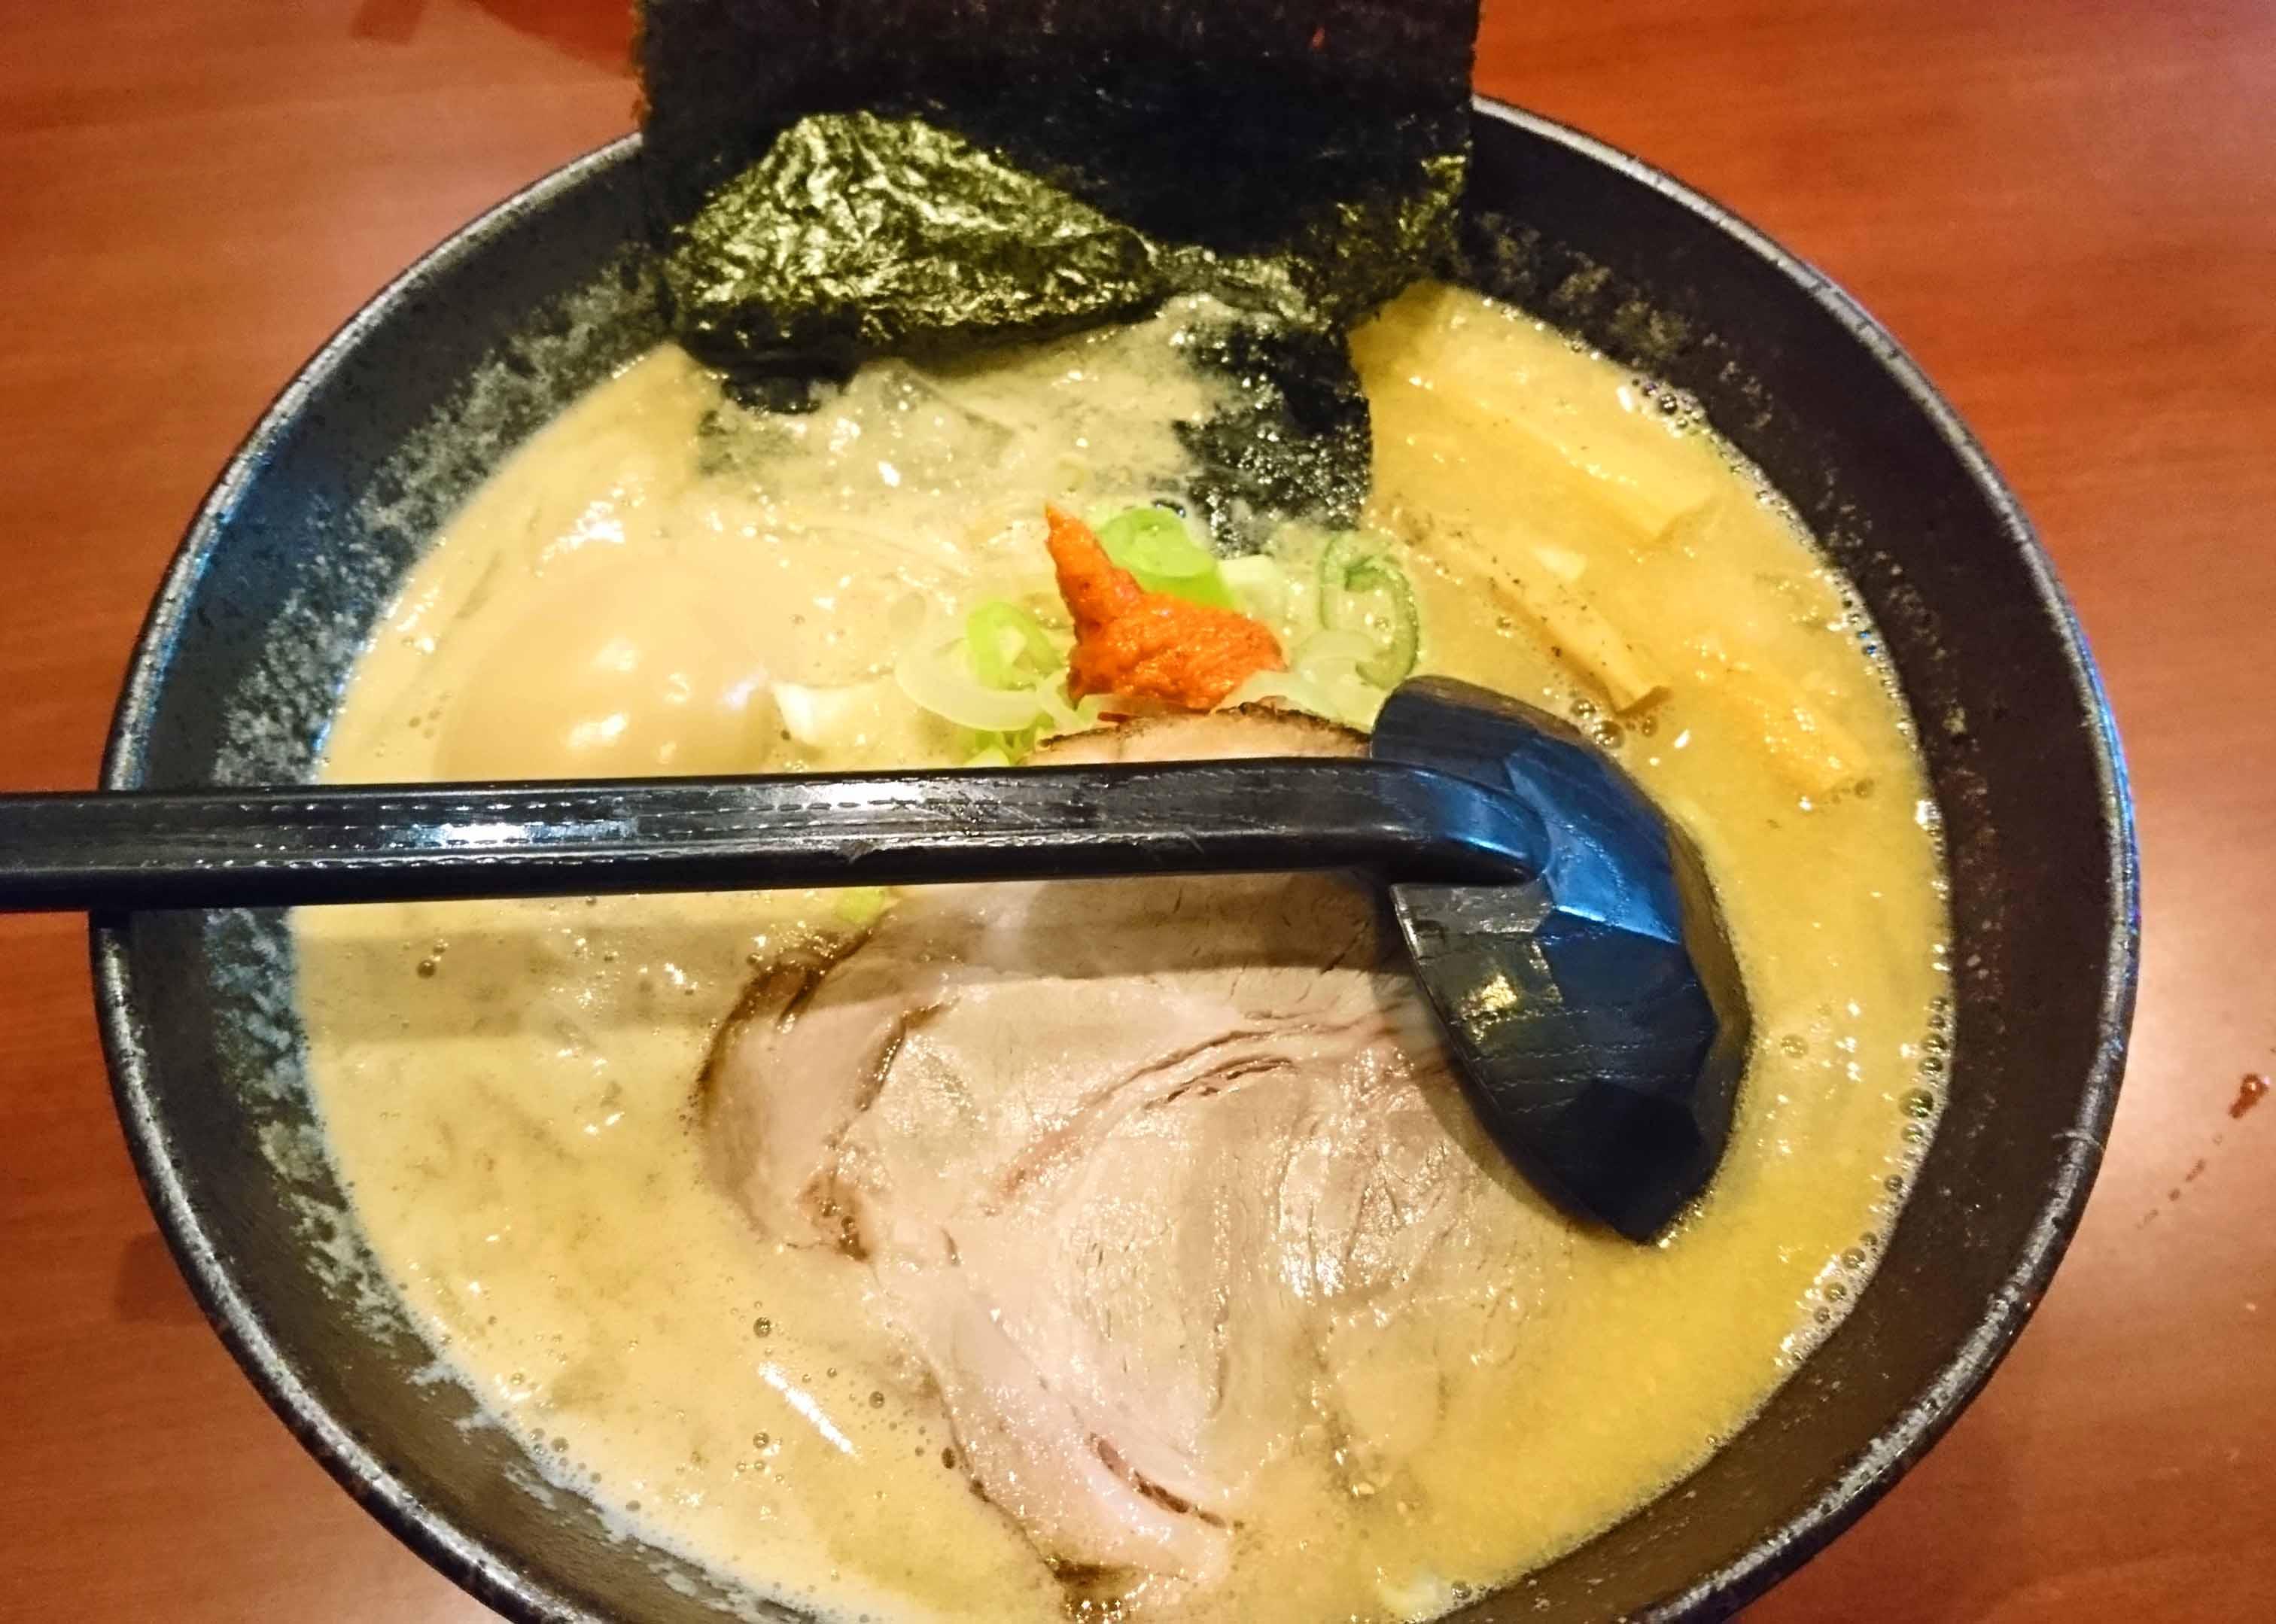 【北海道・札幌】「北海道らーめん奥原流 久楽 本店」に行ったよ♪ ~夜遅くまでやっているらーめん屋さん、居酒屋的な使い方もありだね~